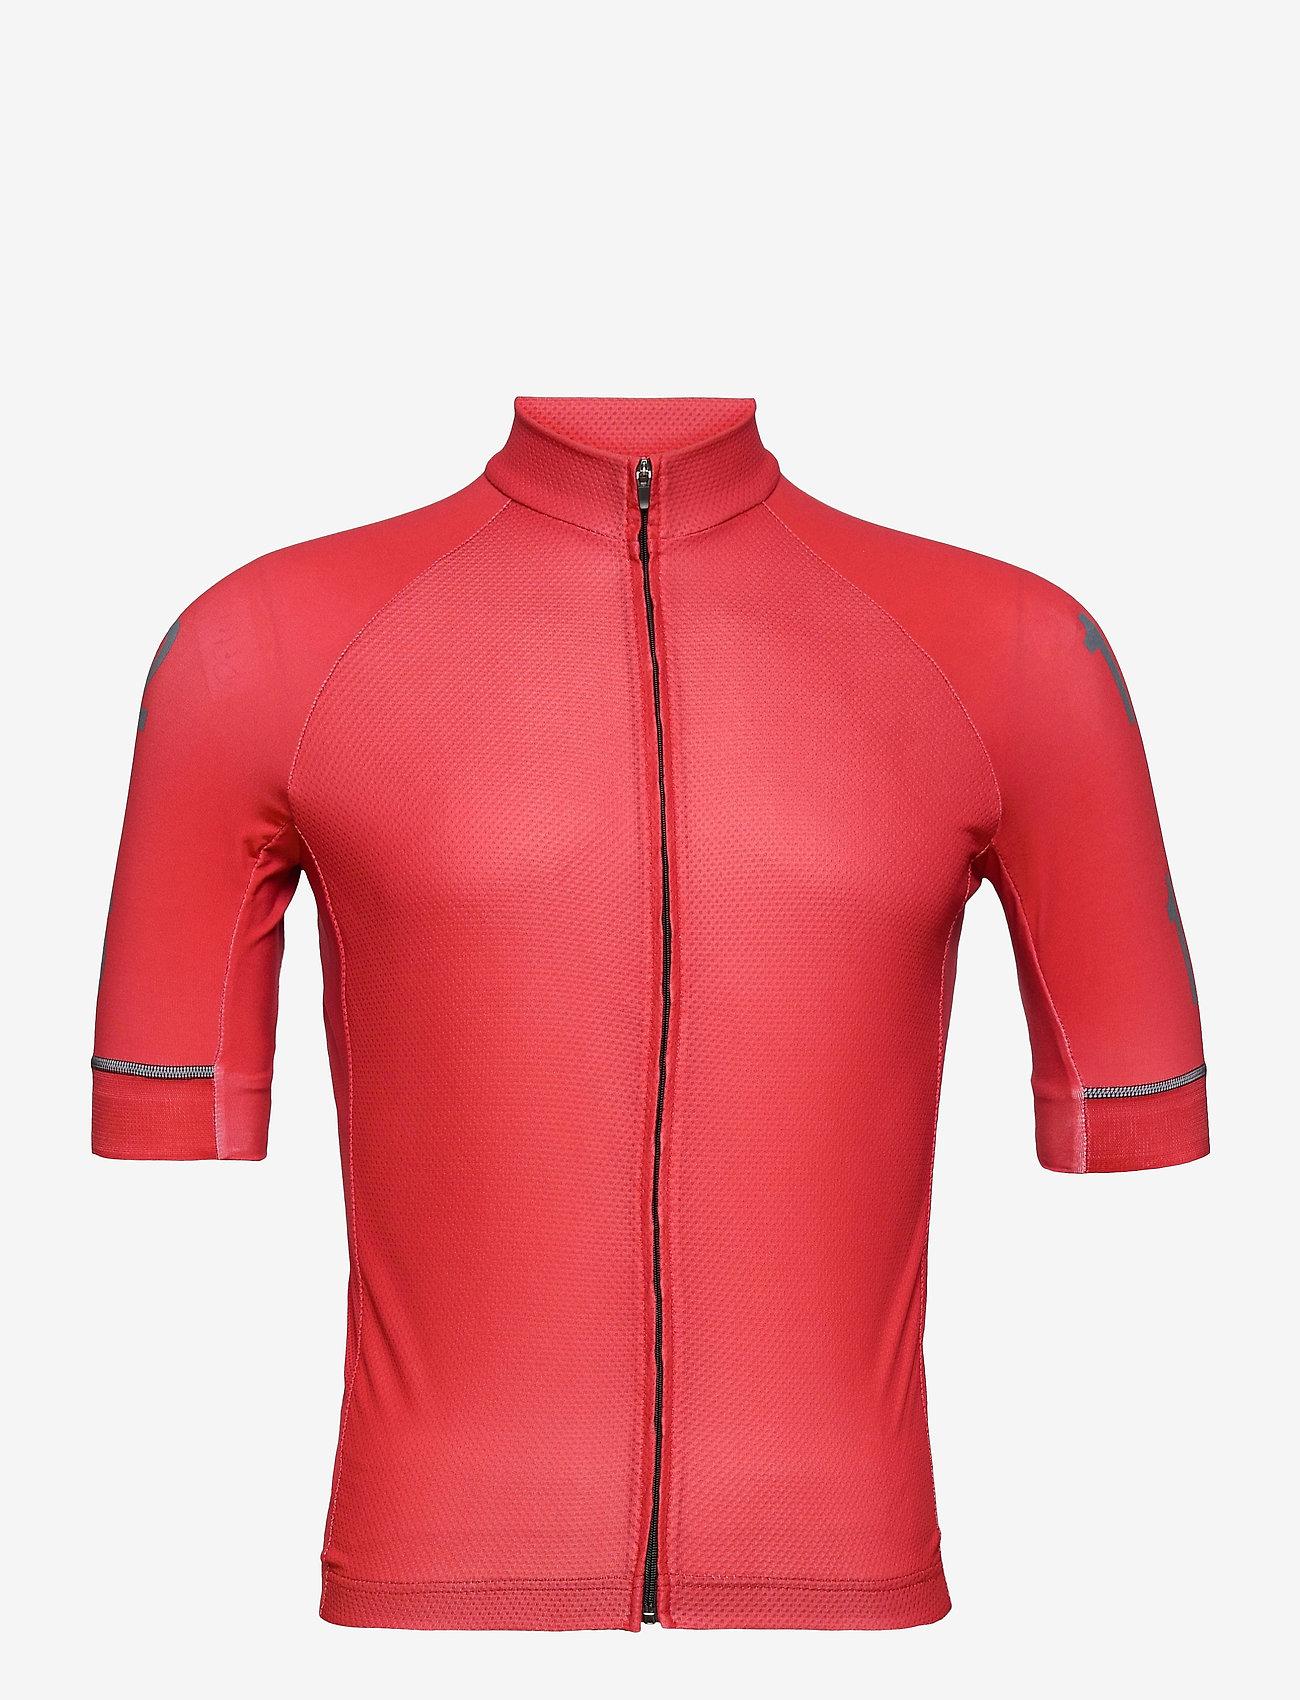 Twelve Sixteen - Jersey S/S Elite 09 Spinn Men - t-shirts - red - 0